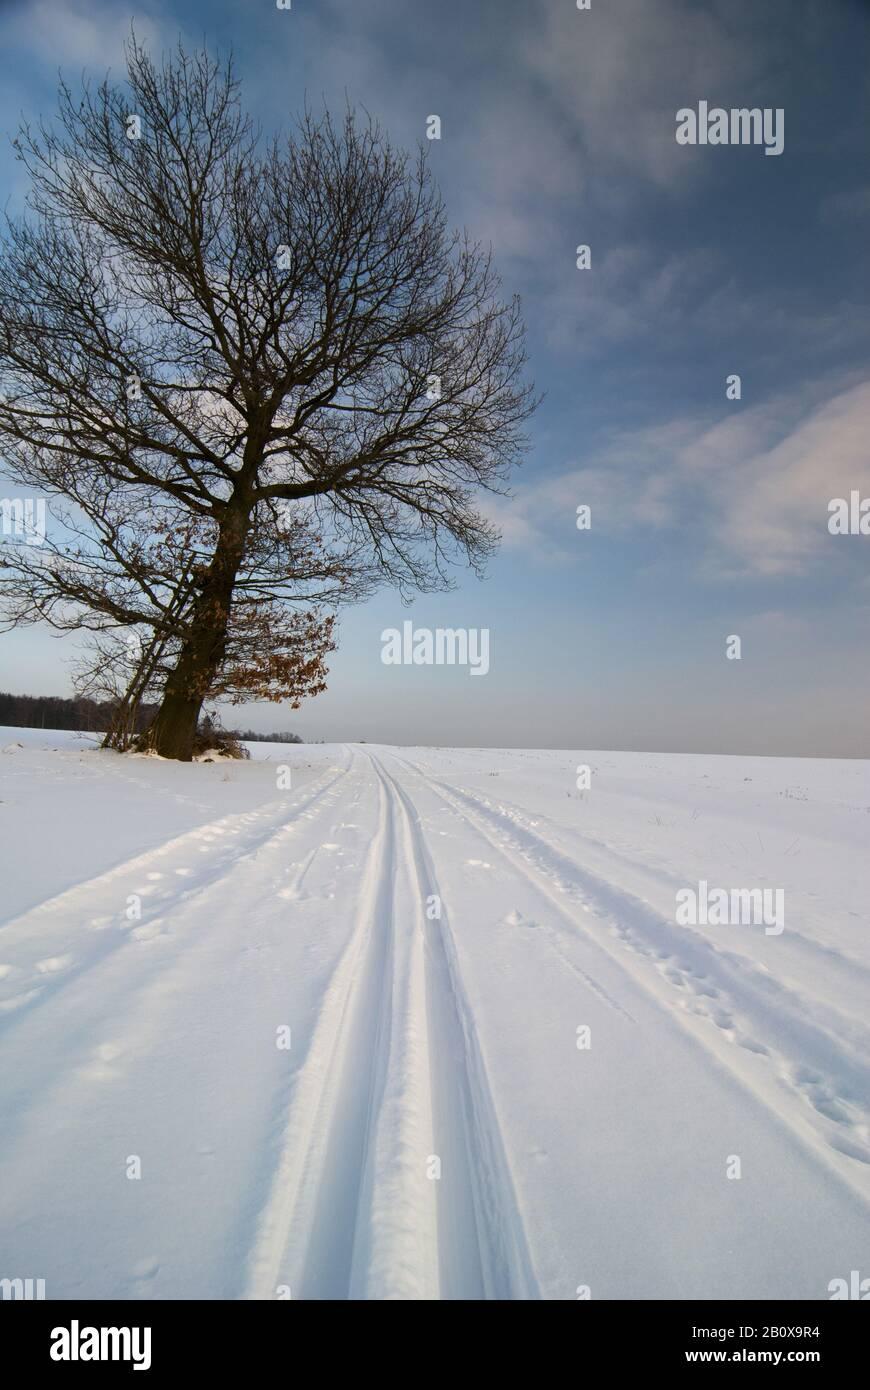 Loipen im Winter, neben einem Baum, Stockfoto